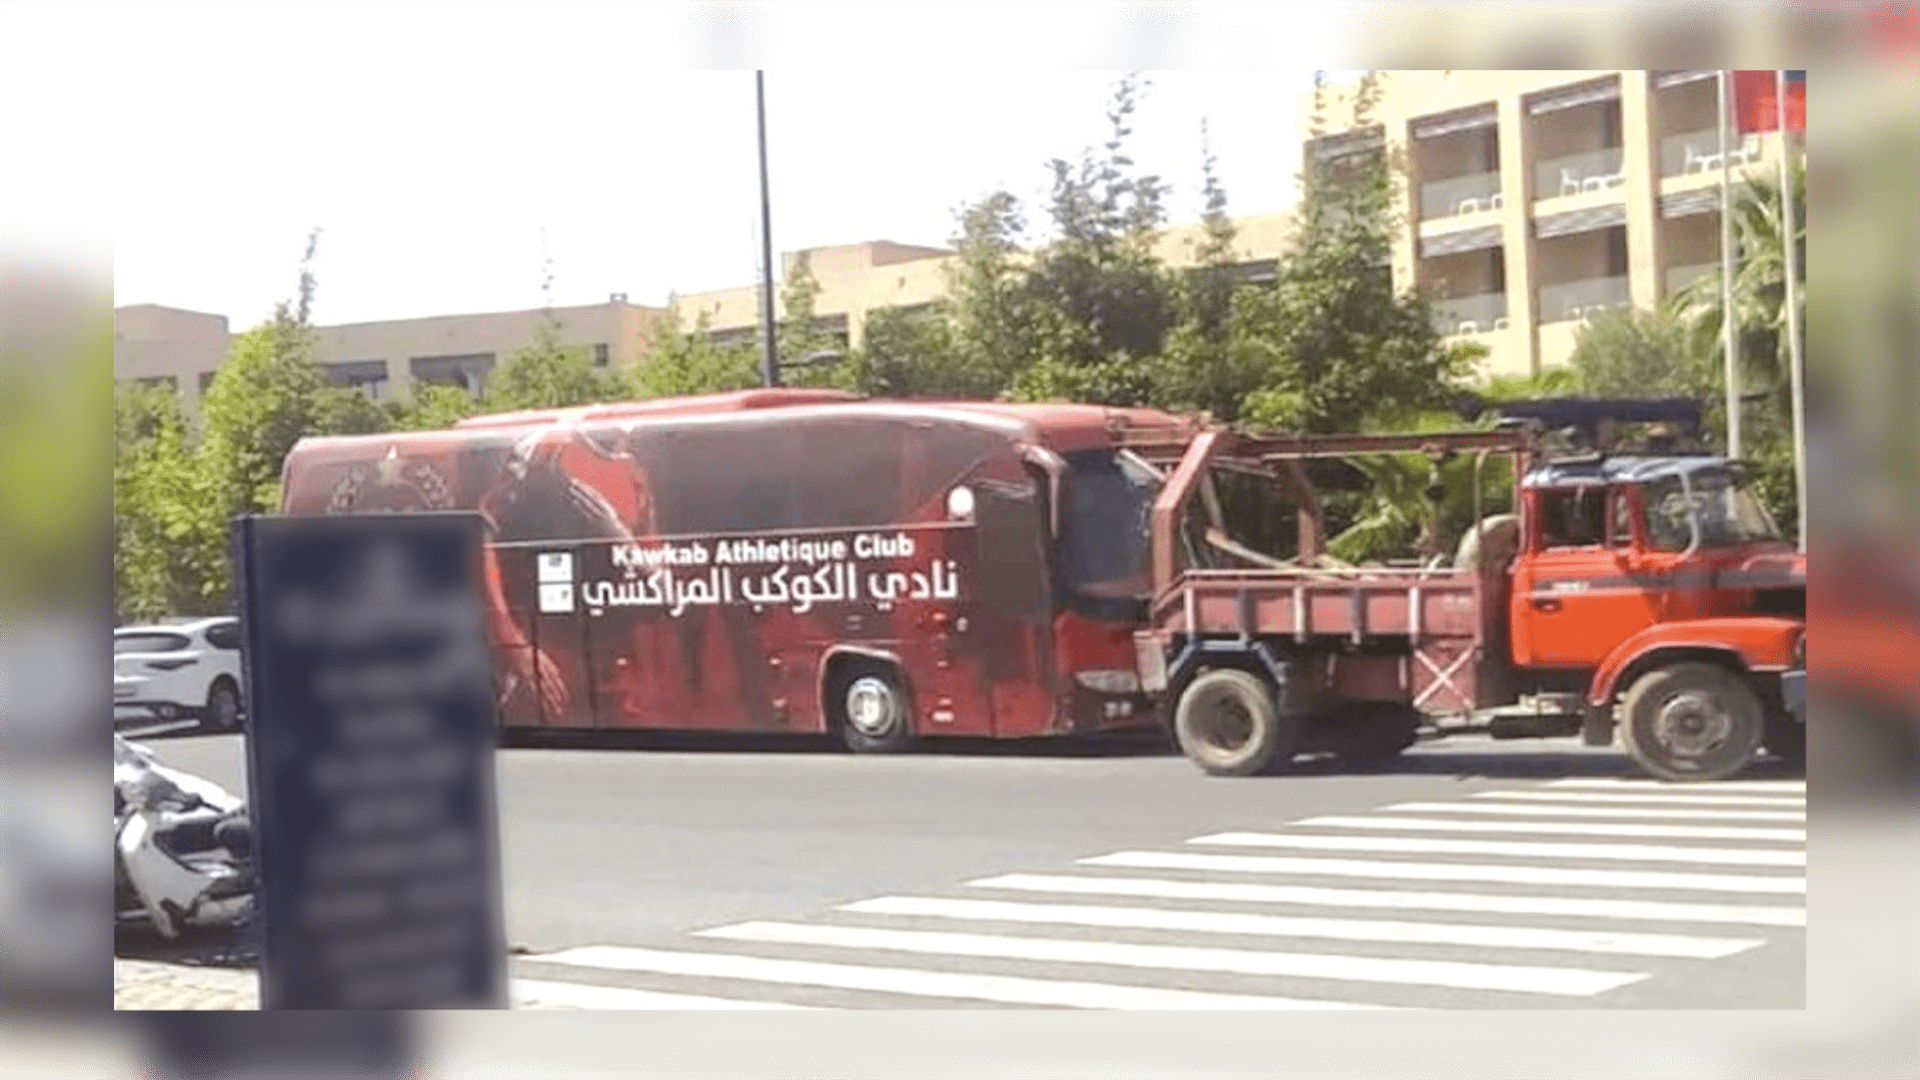 حافلة الكوكب المراكشي في المزاد العلني بعد الحجز عليها لاسترجاع دين لفائدة الكاتب العام